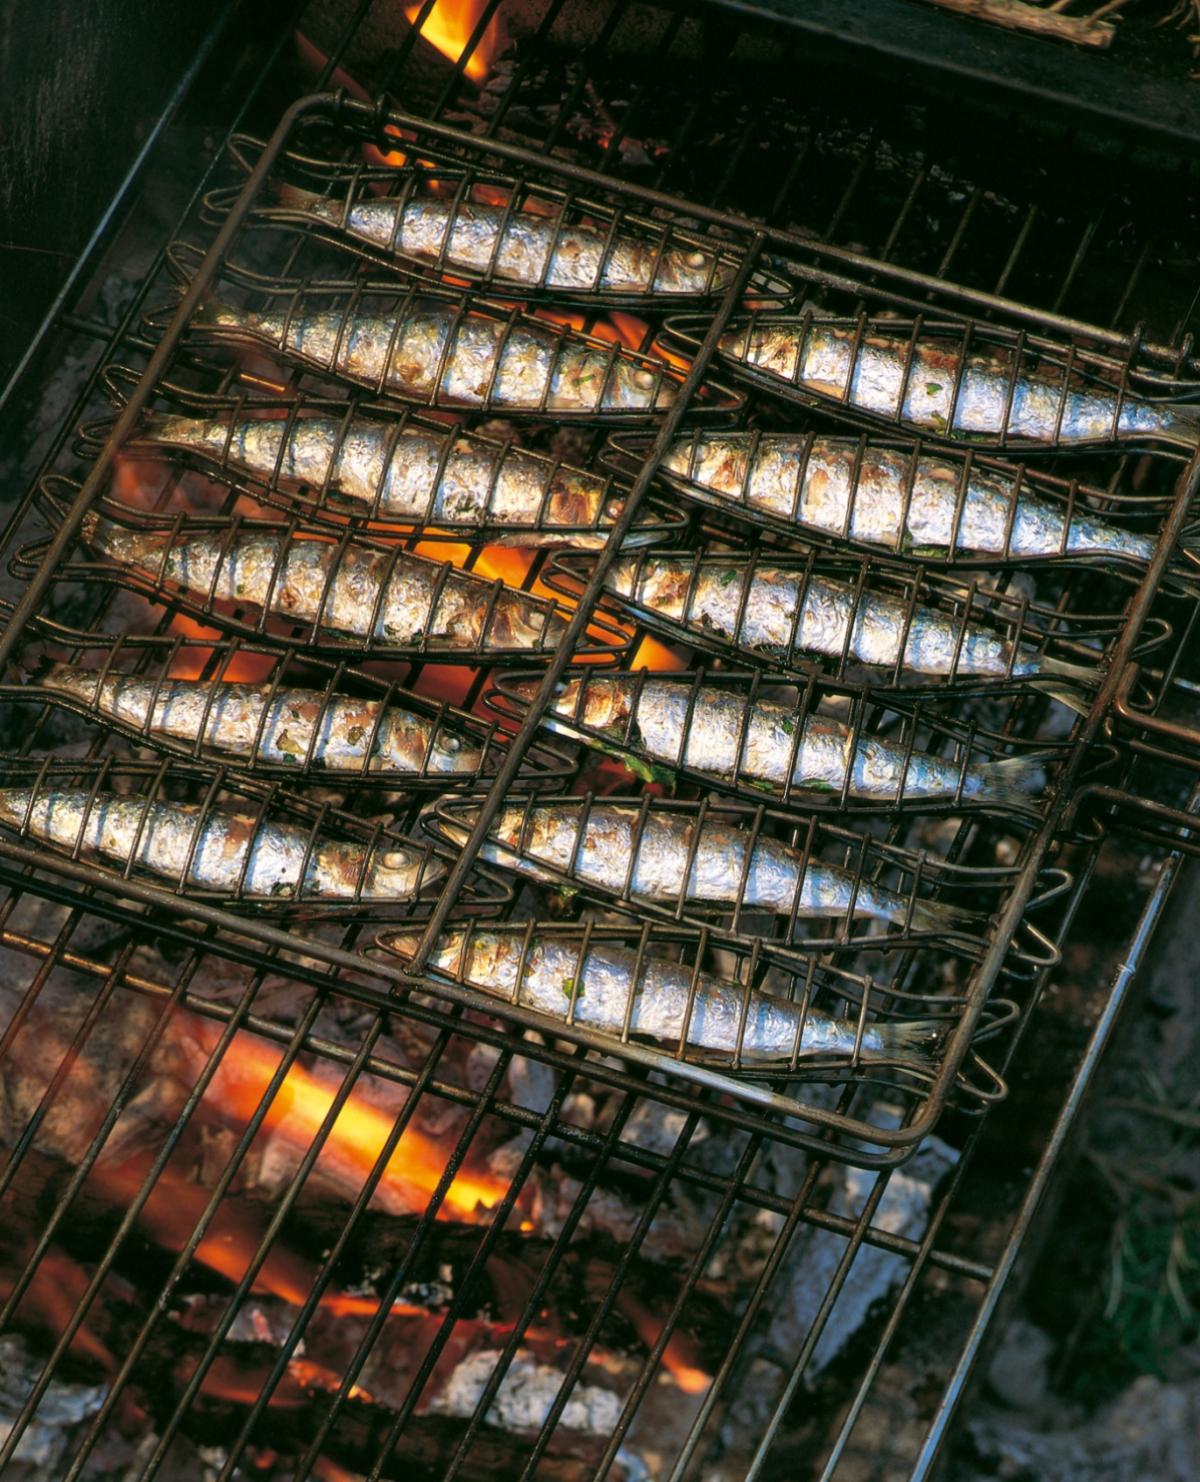 A picture of Delia's Barbecue recipes recipes